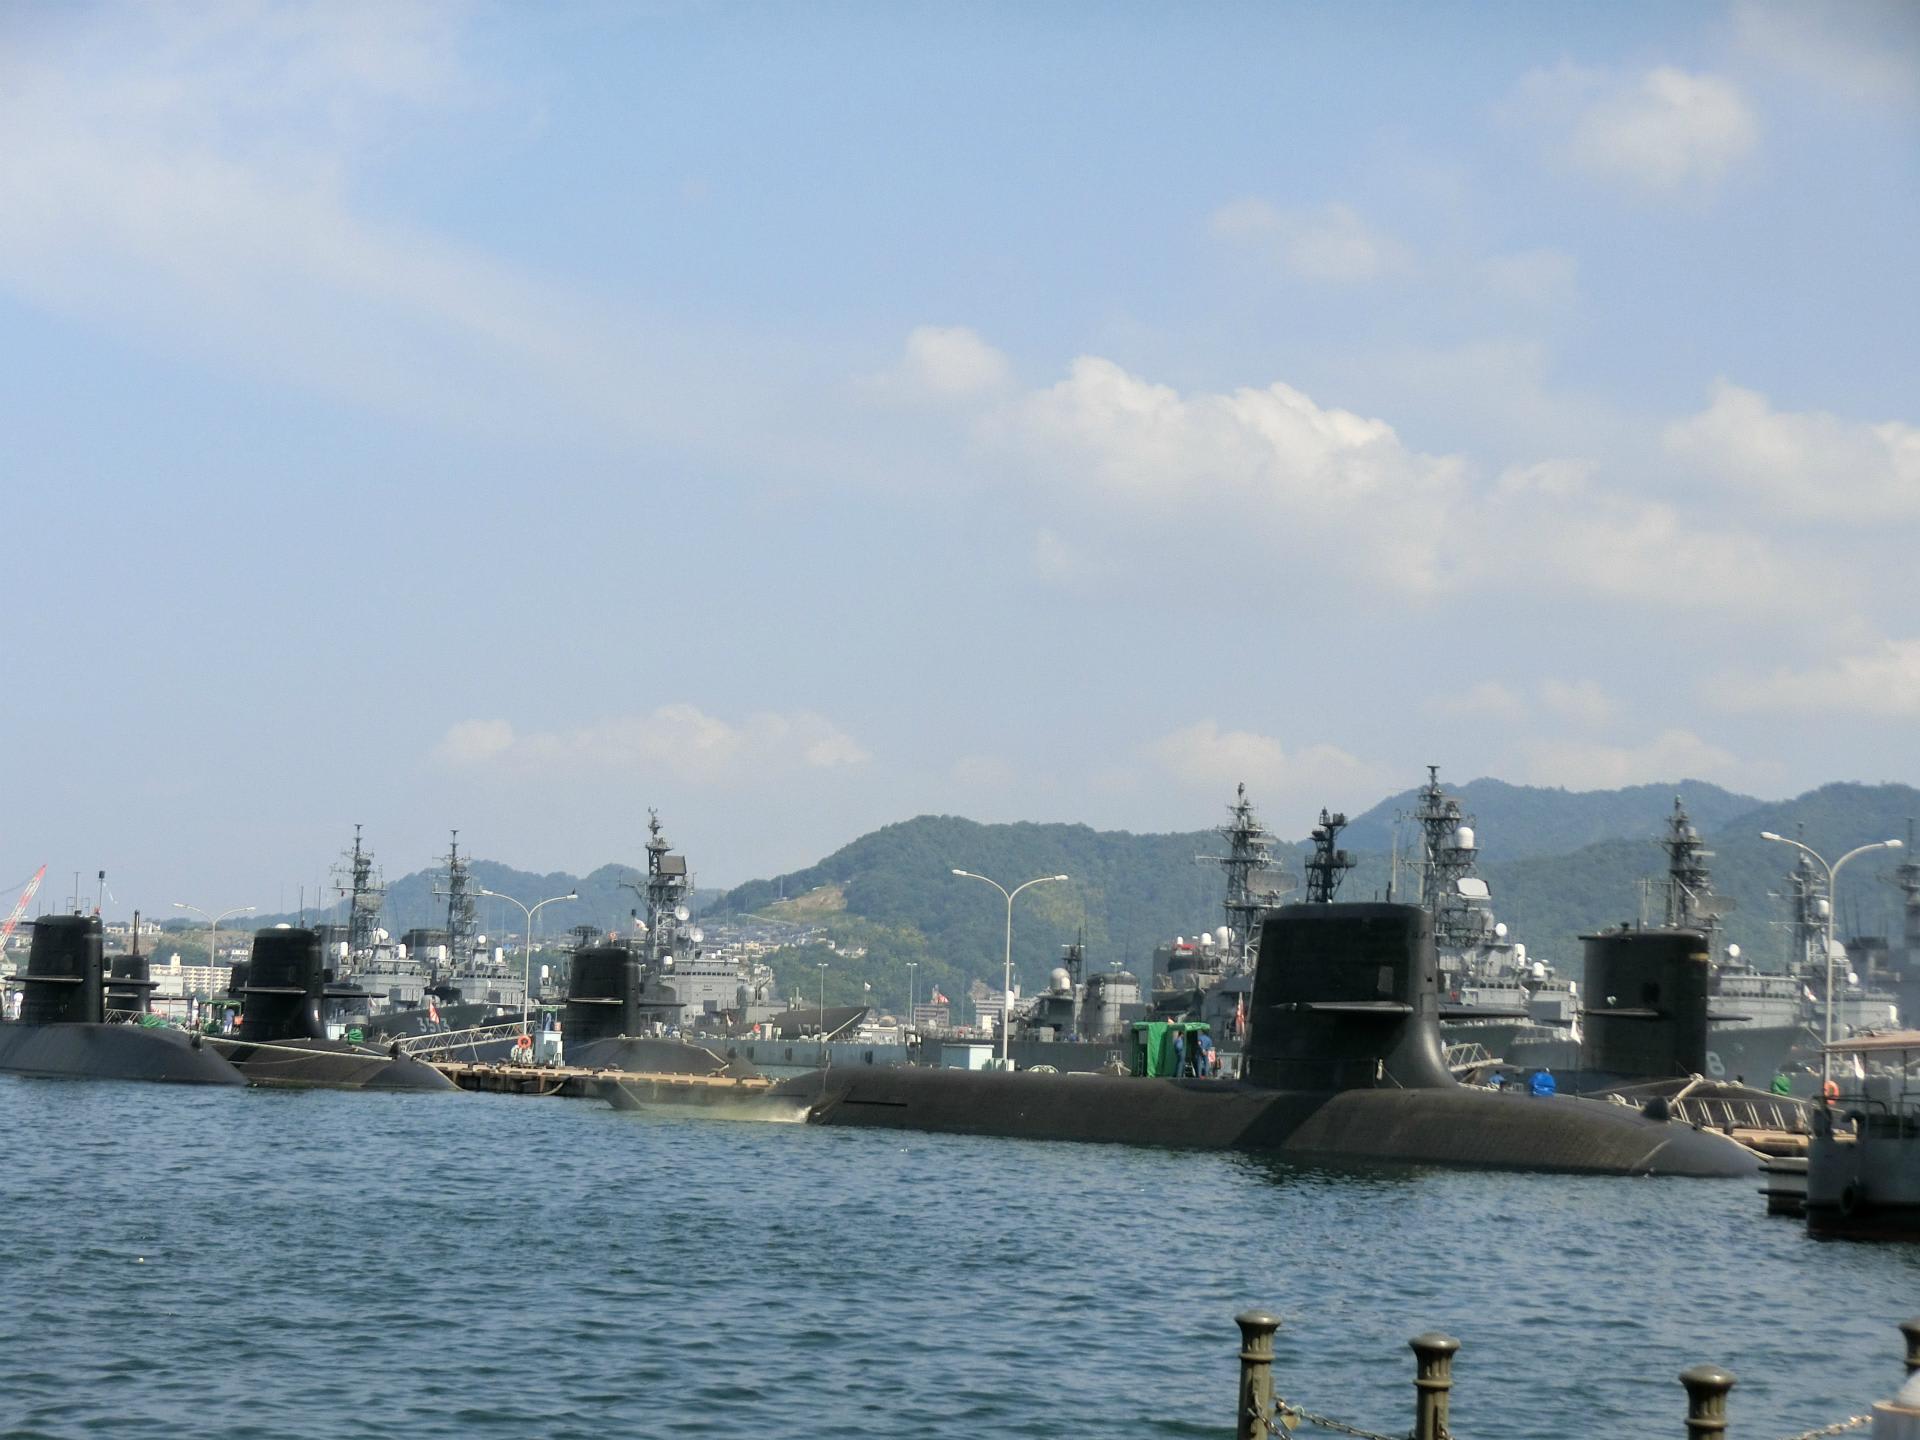 お盆は 潜水艦や護衛艦が沢山停泊していました 天使のおうち